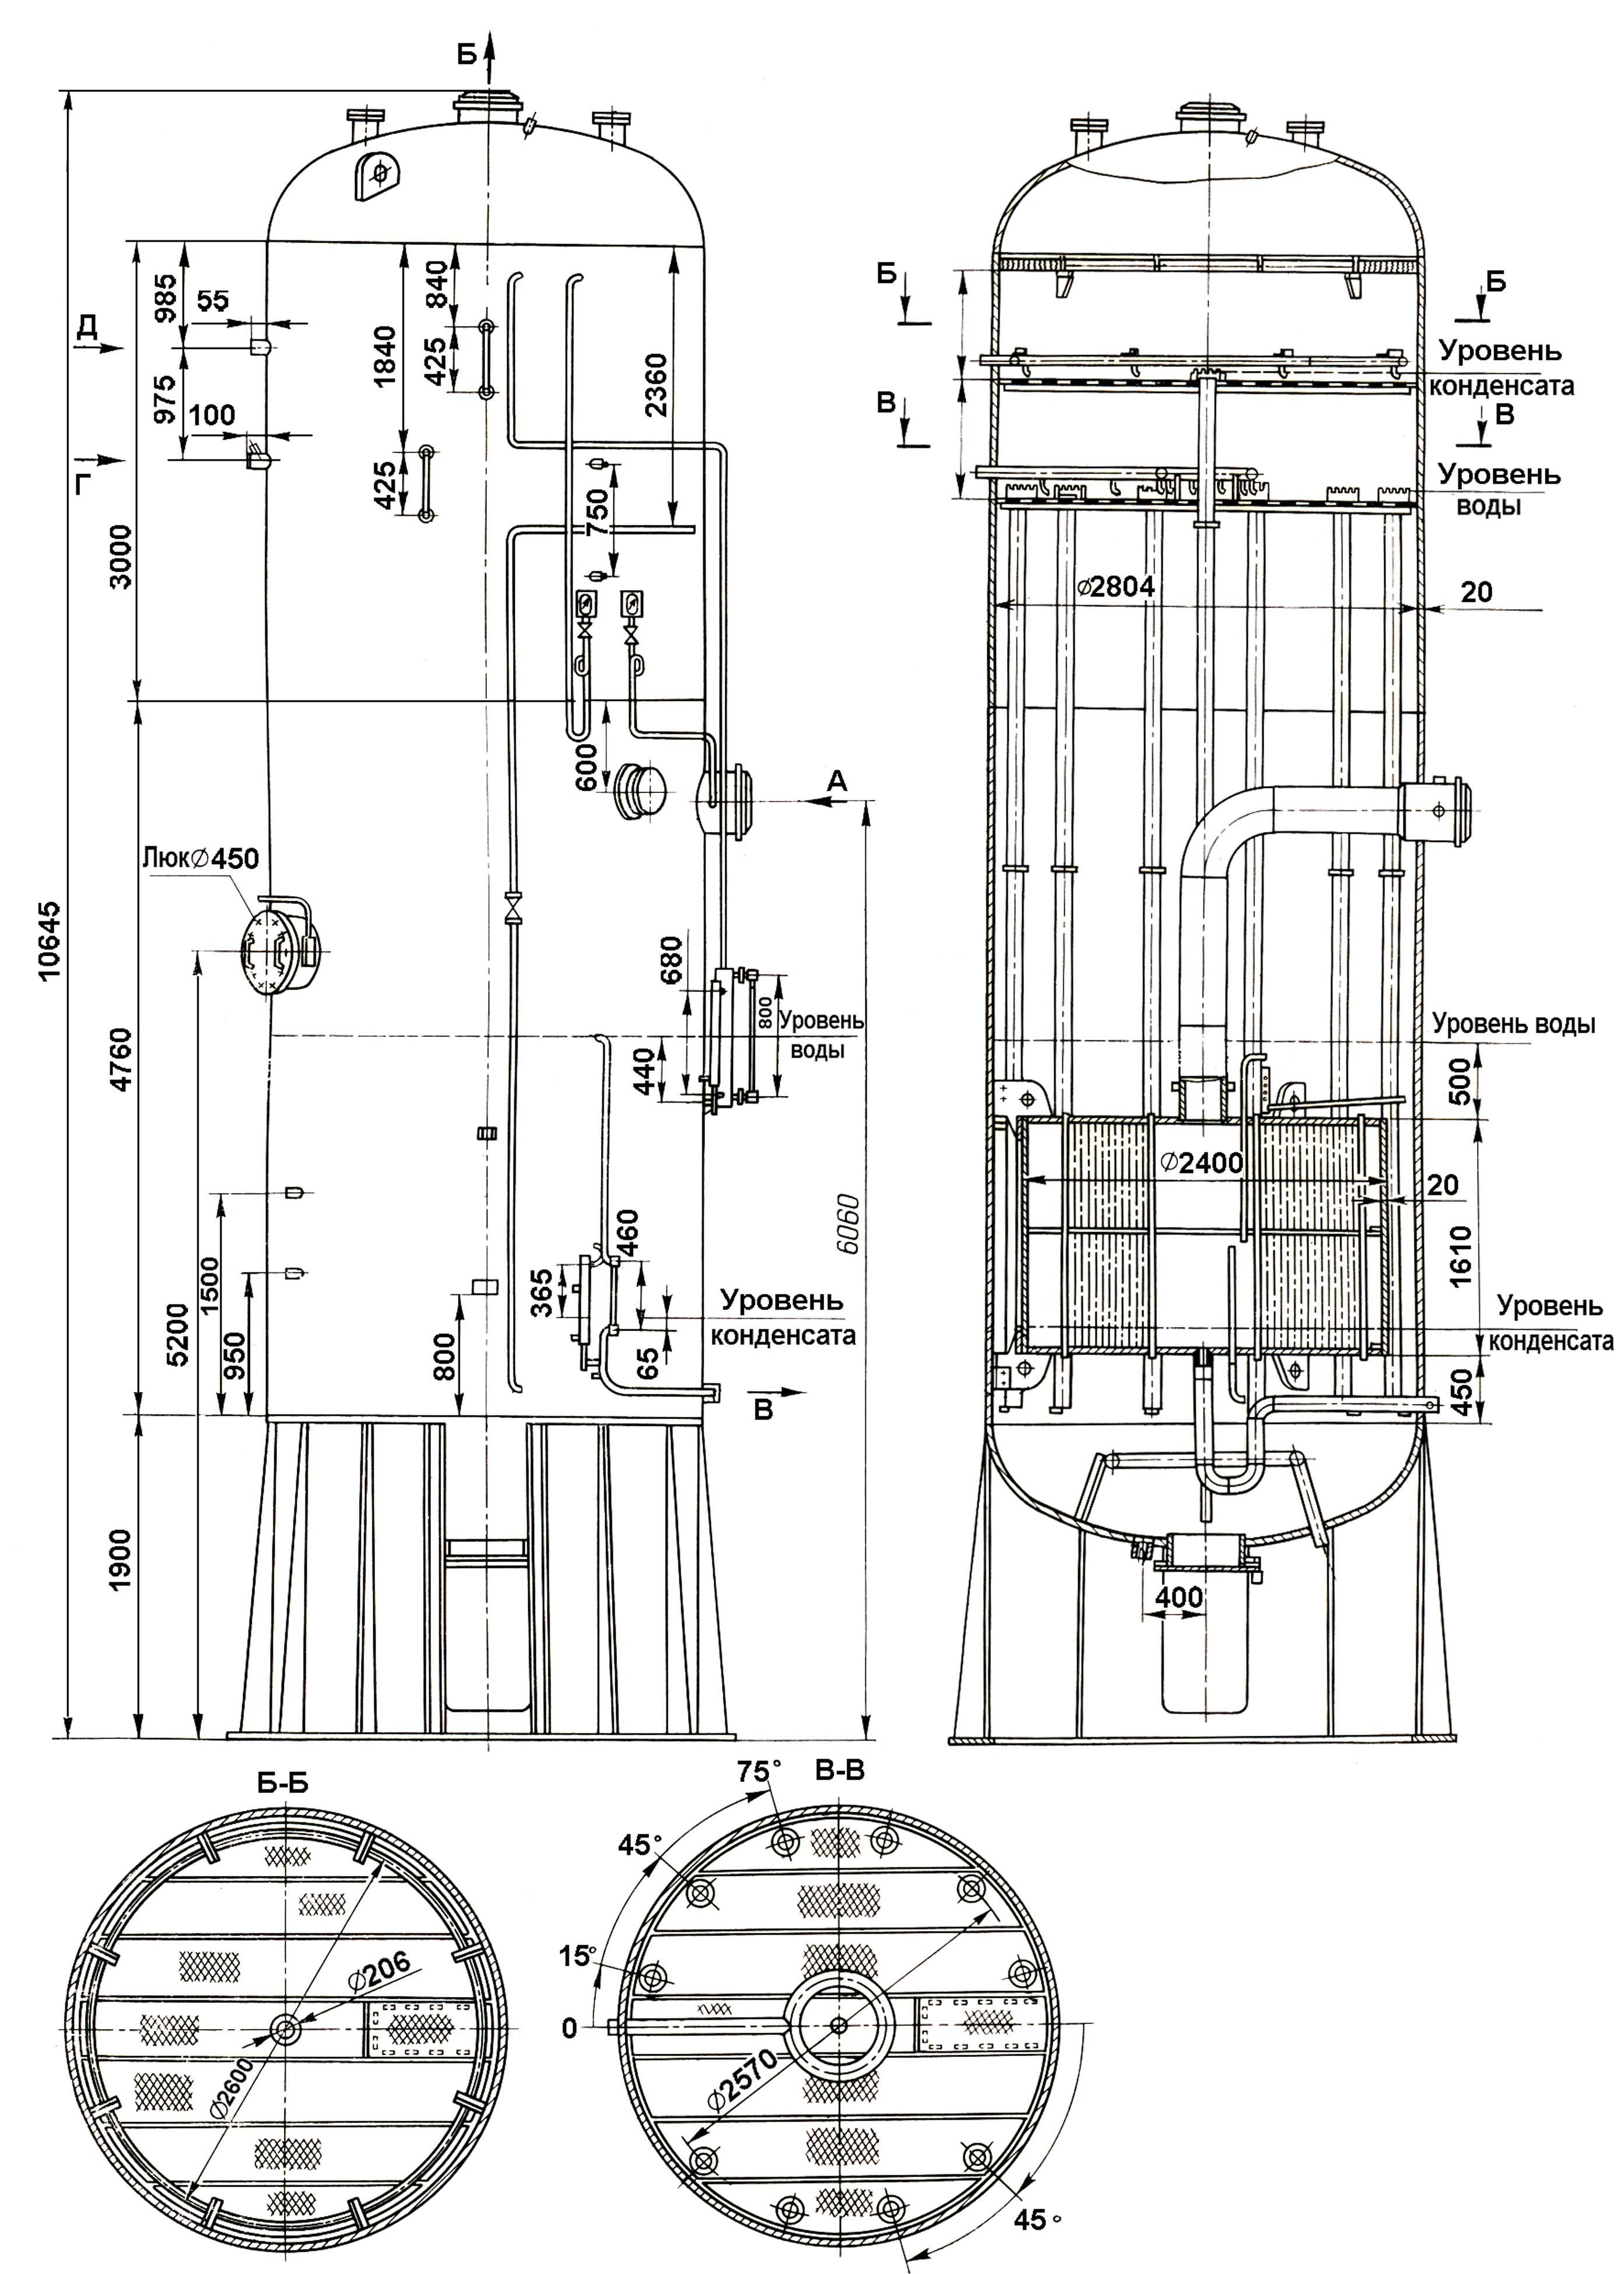 Теплообменник испаритель назначение Пластинчатый теплообменник Sondex SF25A Черкесск